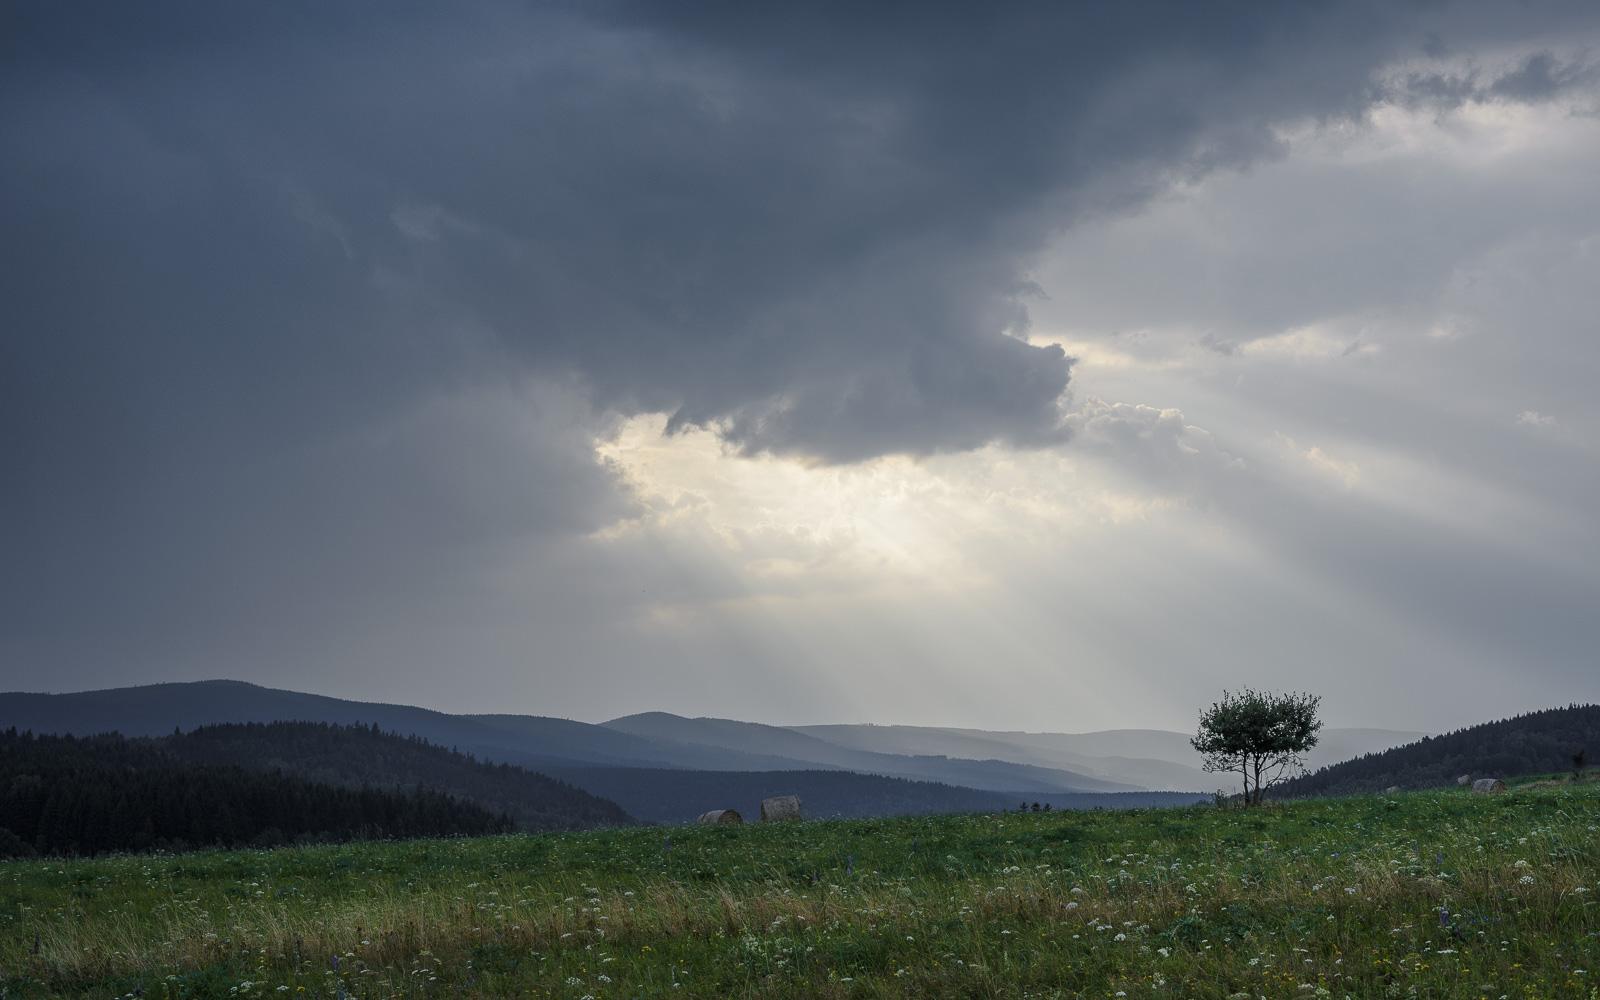 Zapowiadana burza przeszła bokiem. Jesienią będą tu ciężkie deszczowe chmury z pasmami opadów.